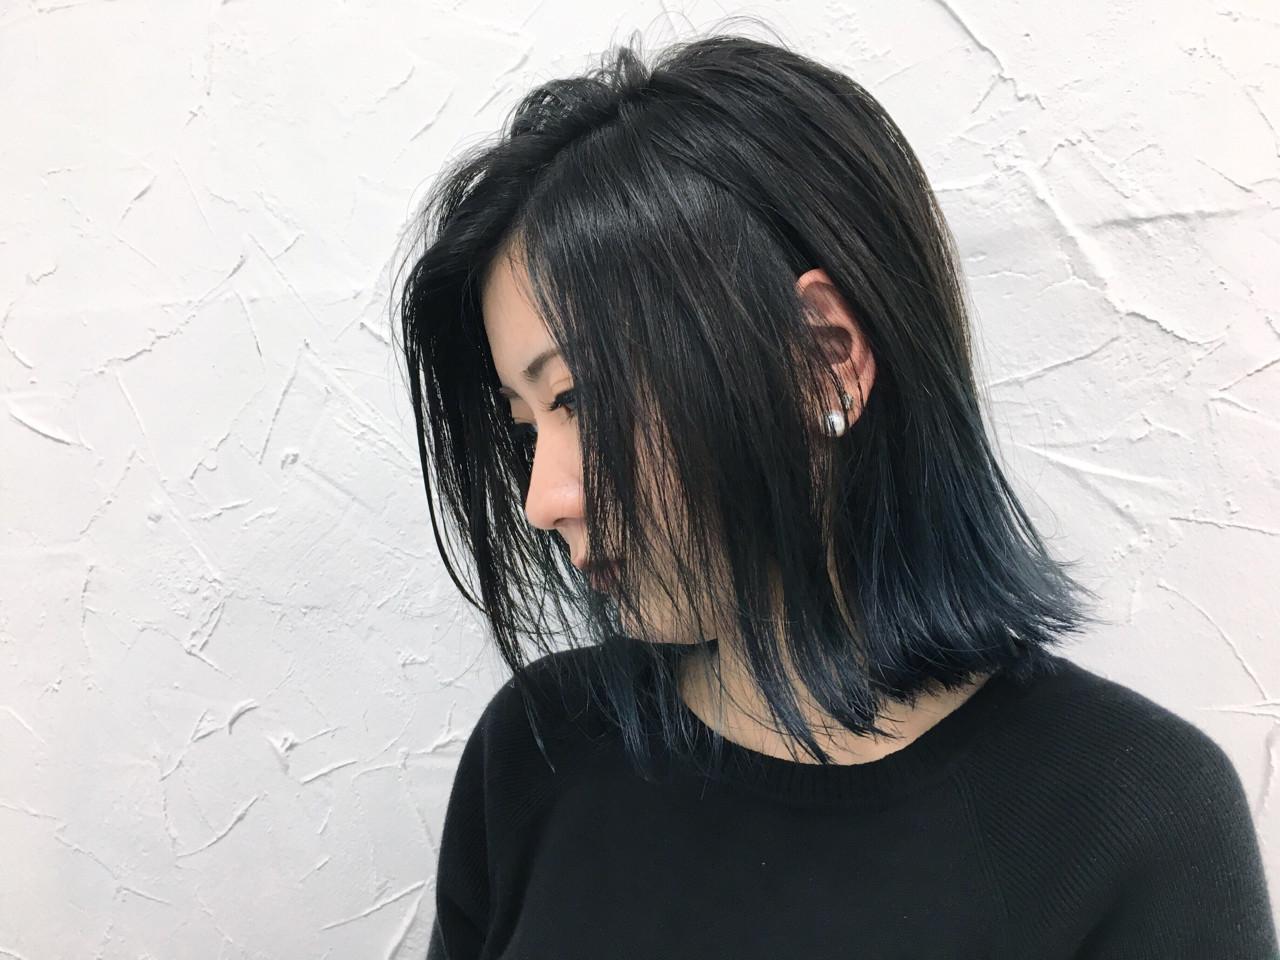 デート ネイビー ブルー ボブ ヘアスタイルや髪型の写真・画像